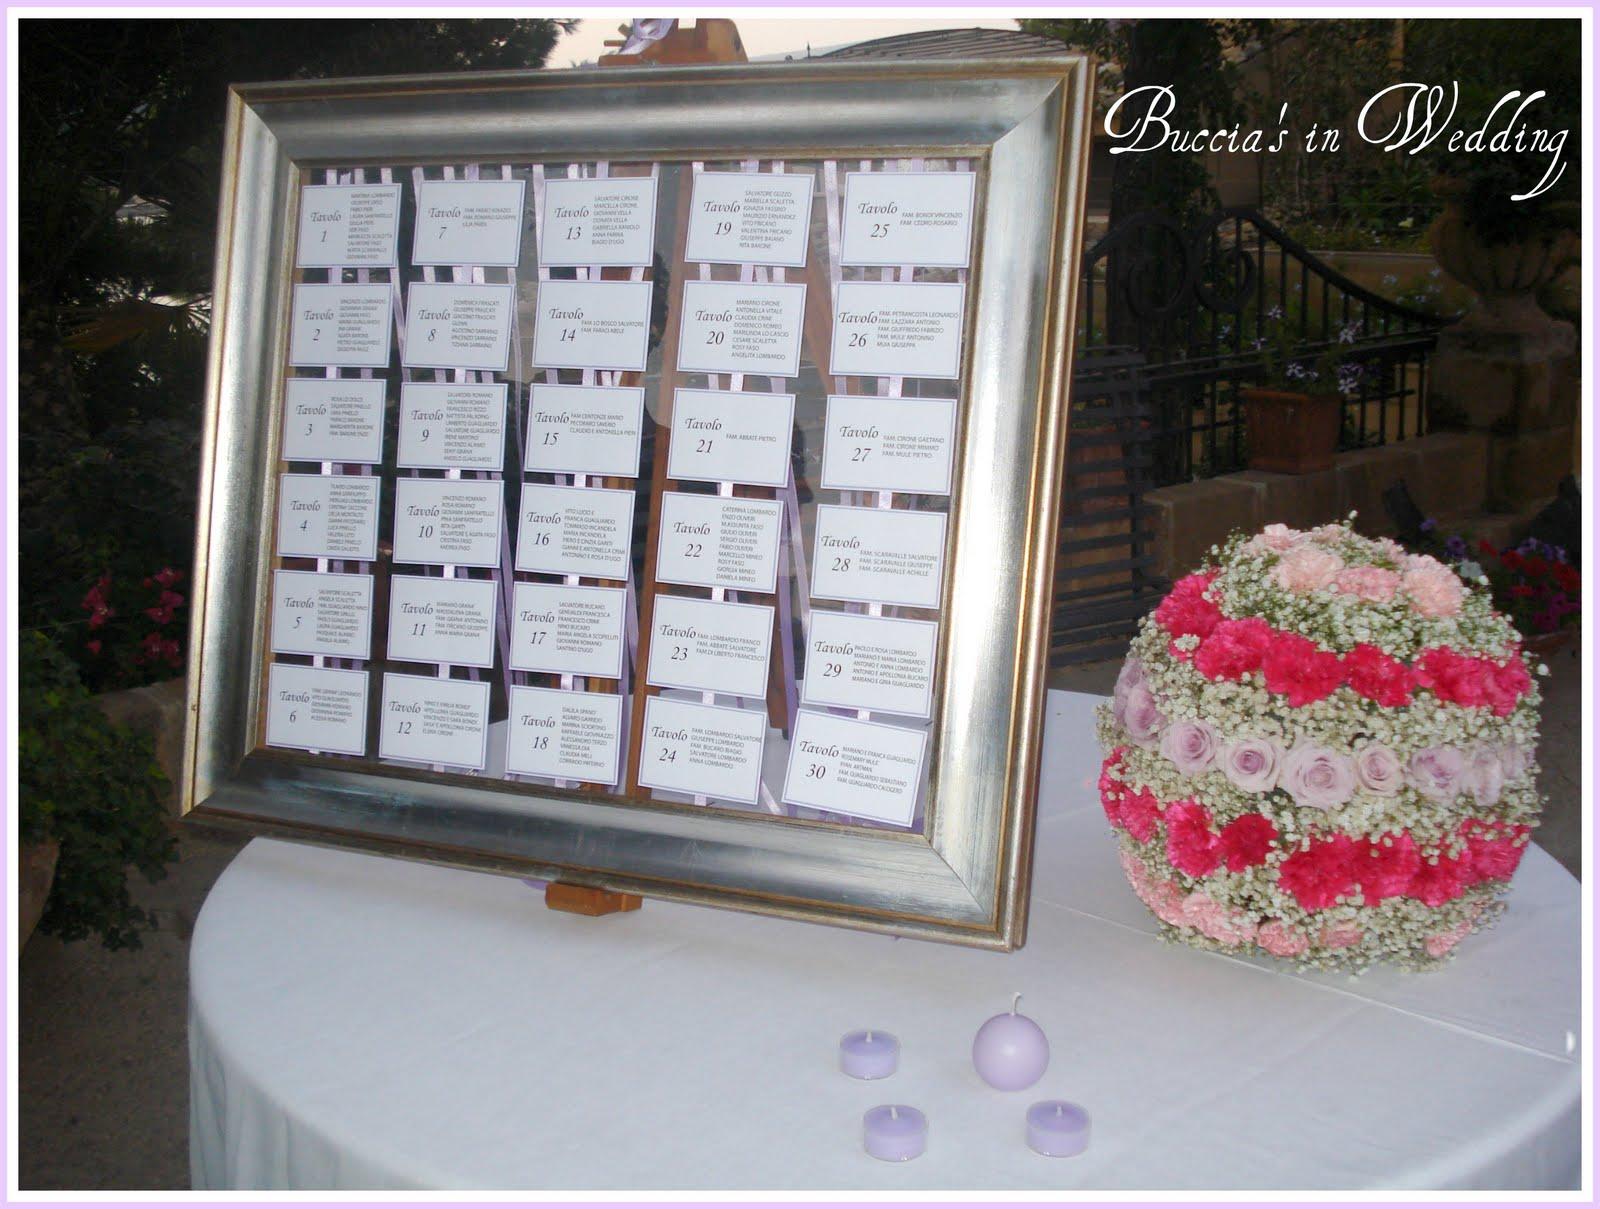 Popolare Buccia in Wedding: 2011 ZW43